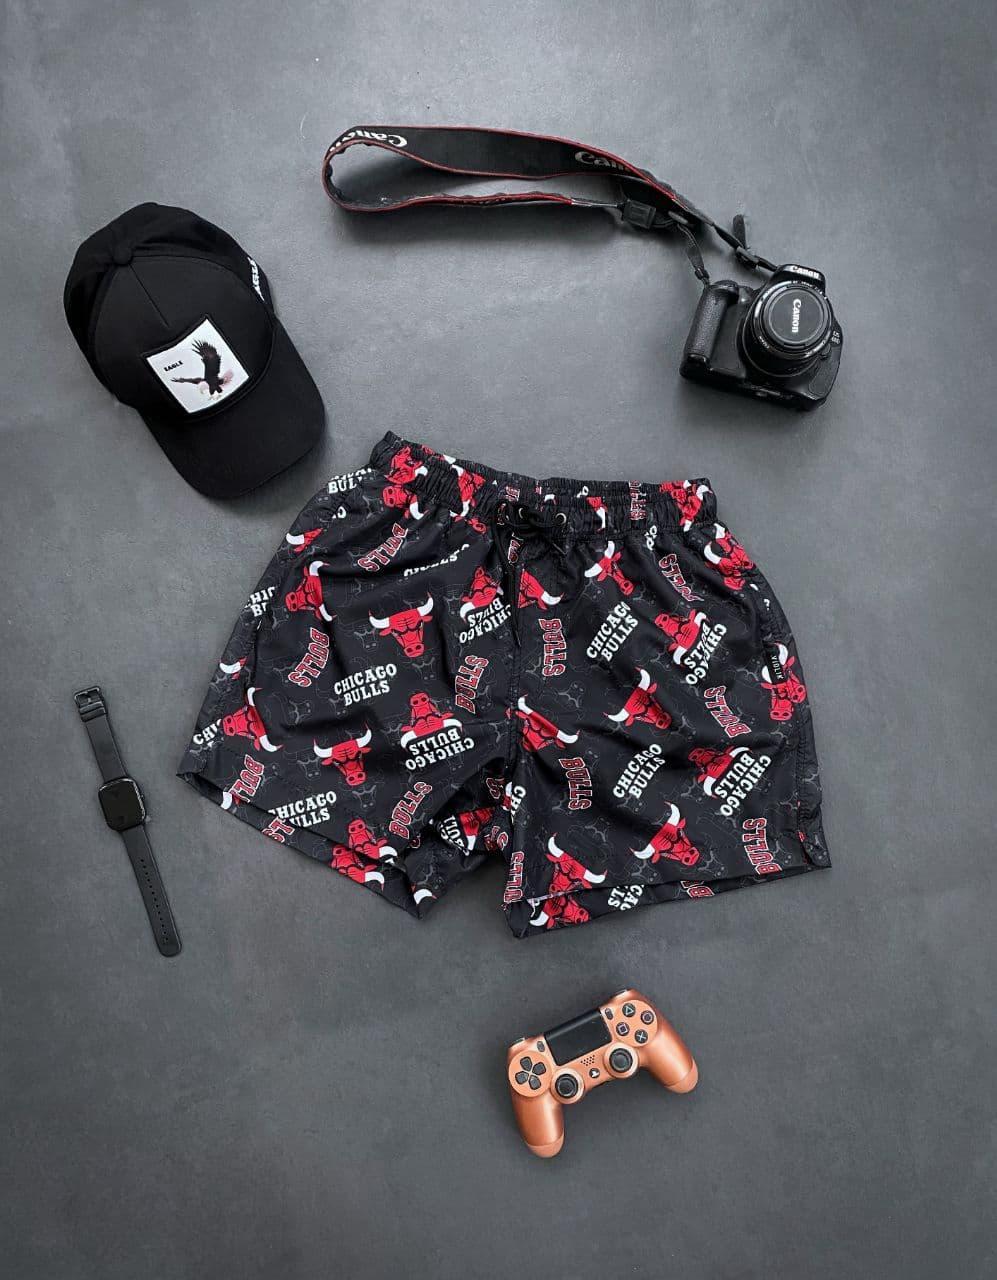 Шорти чоловічі пляжні чорні з принтом. Чоловічі плавки / плавальні шорти чорного кольору з модним принтом.